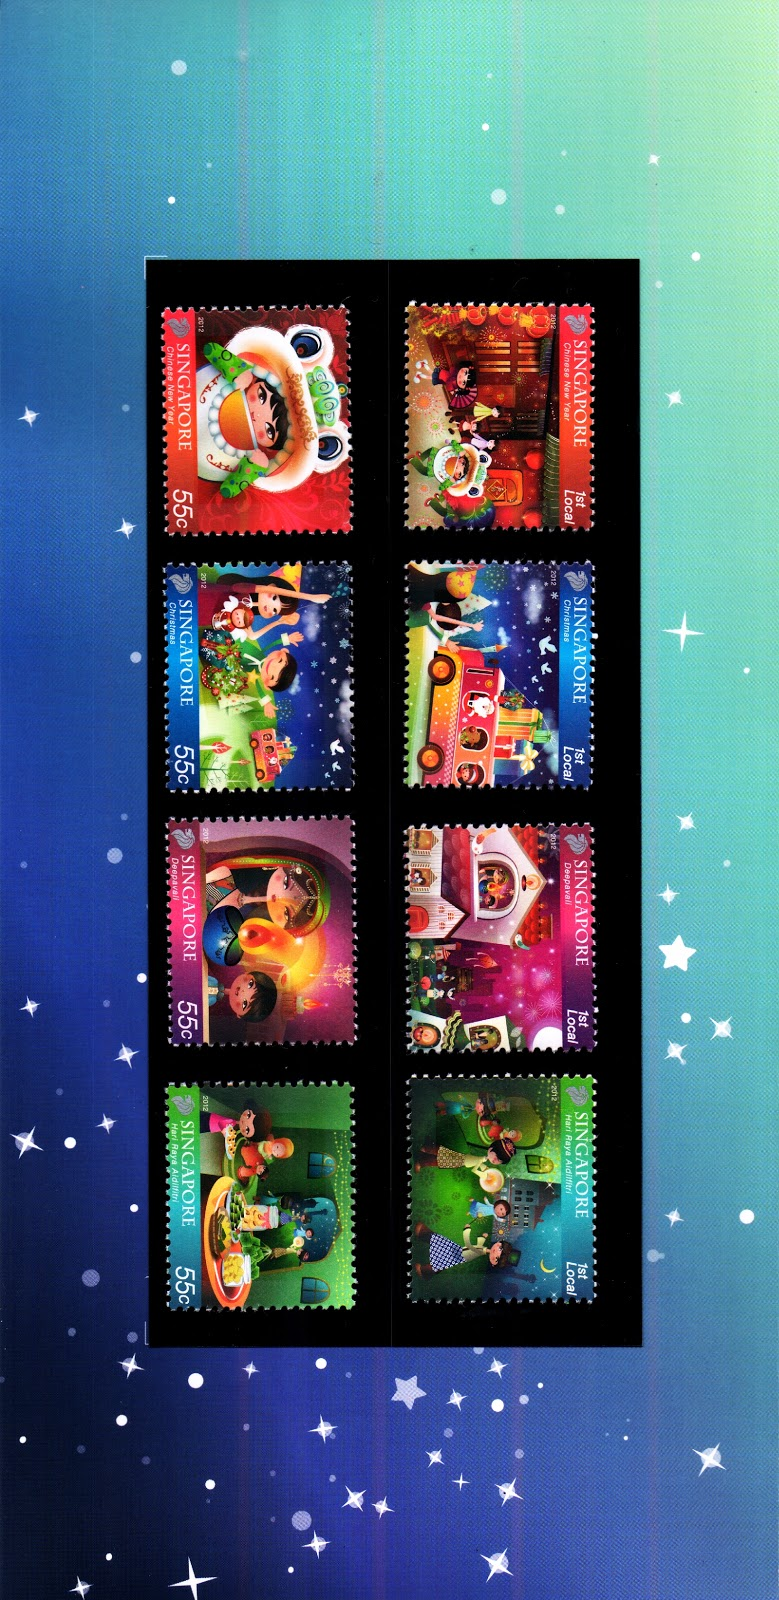 Festivals 2012 - Presentation Pack (complete set of stamps)